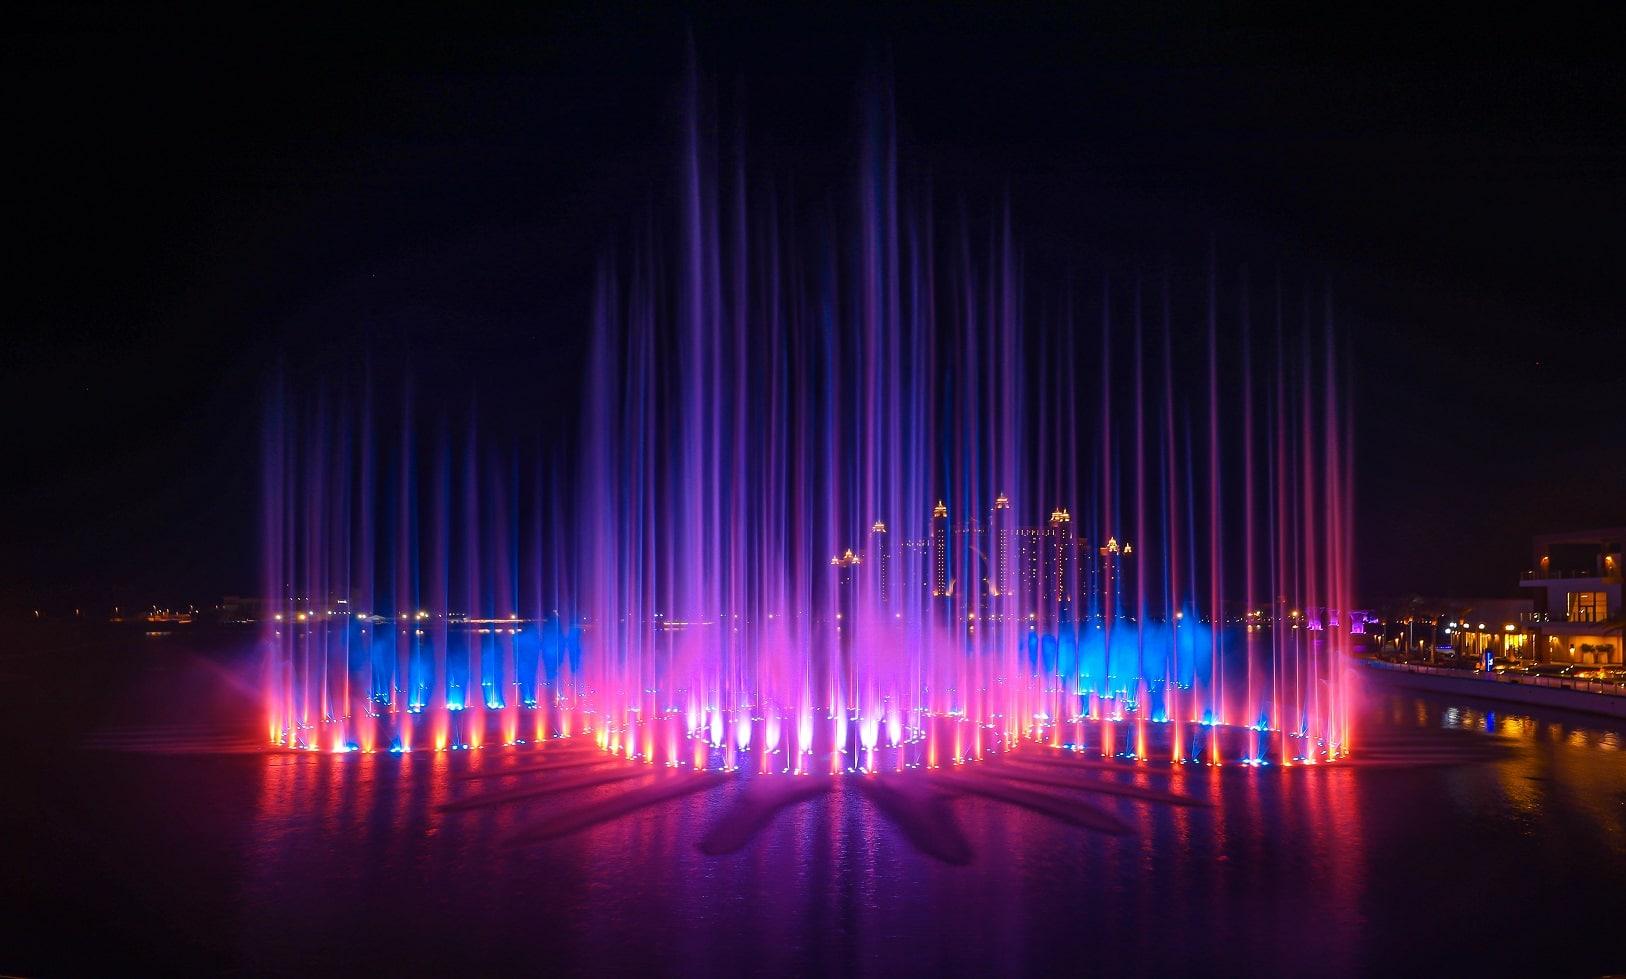 ذي بوينت تستعد للحصول على لقب غينيس لأكبر نافورة مياه في العالم